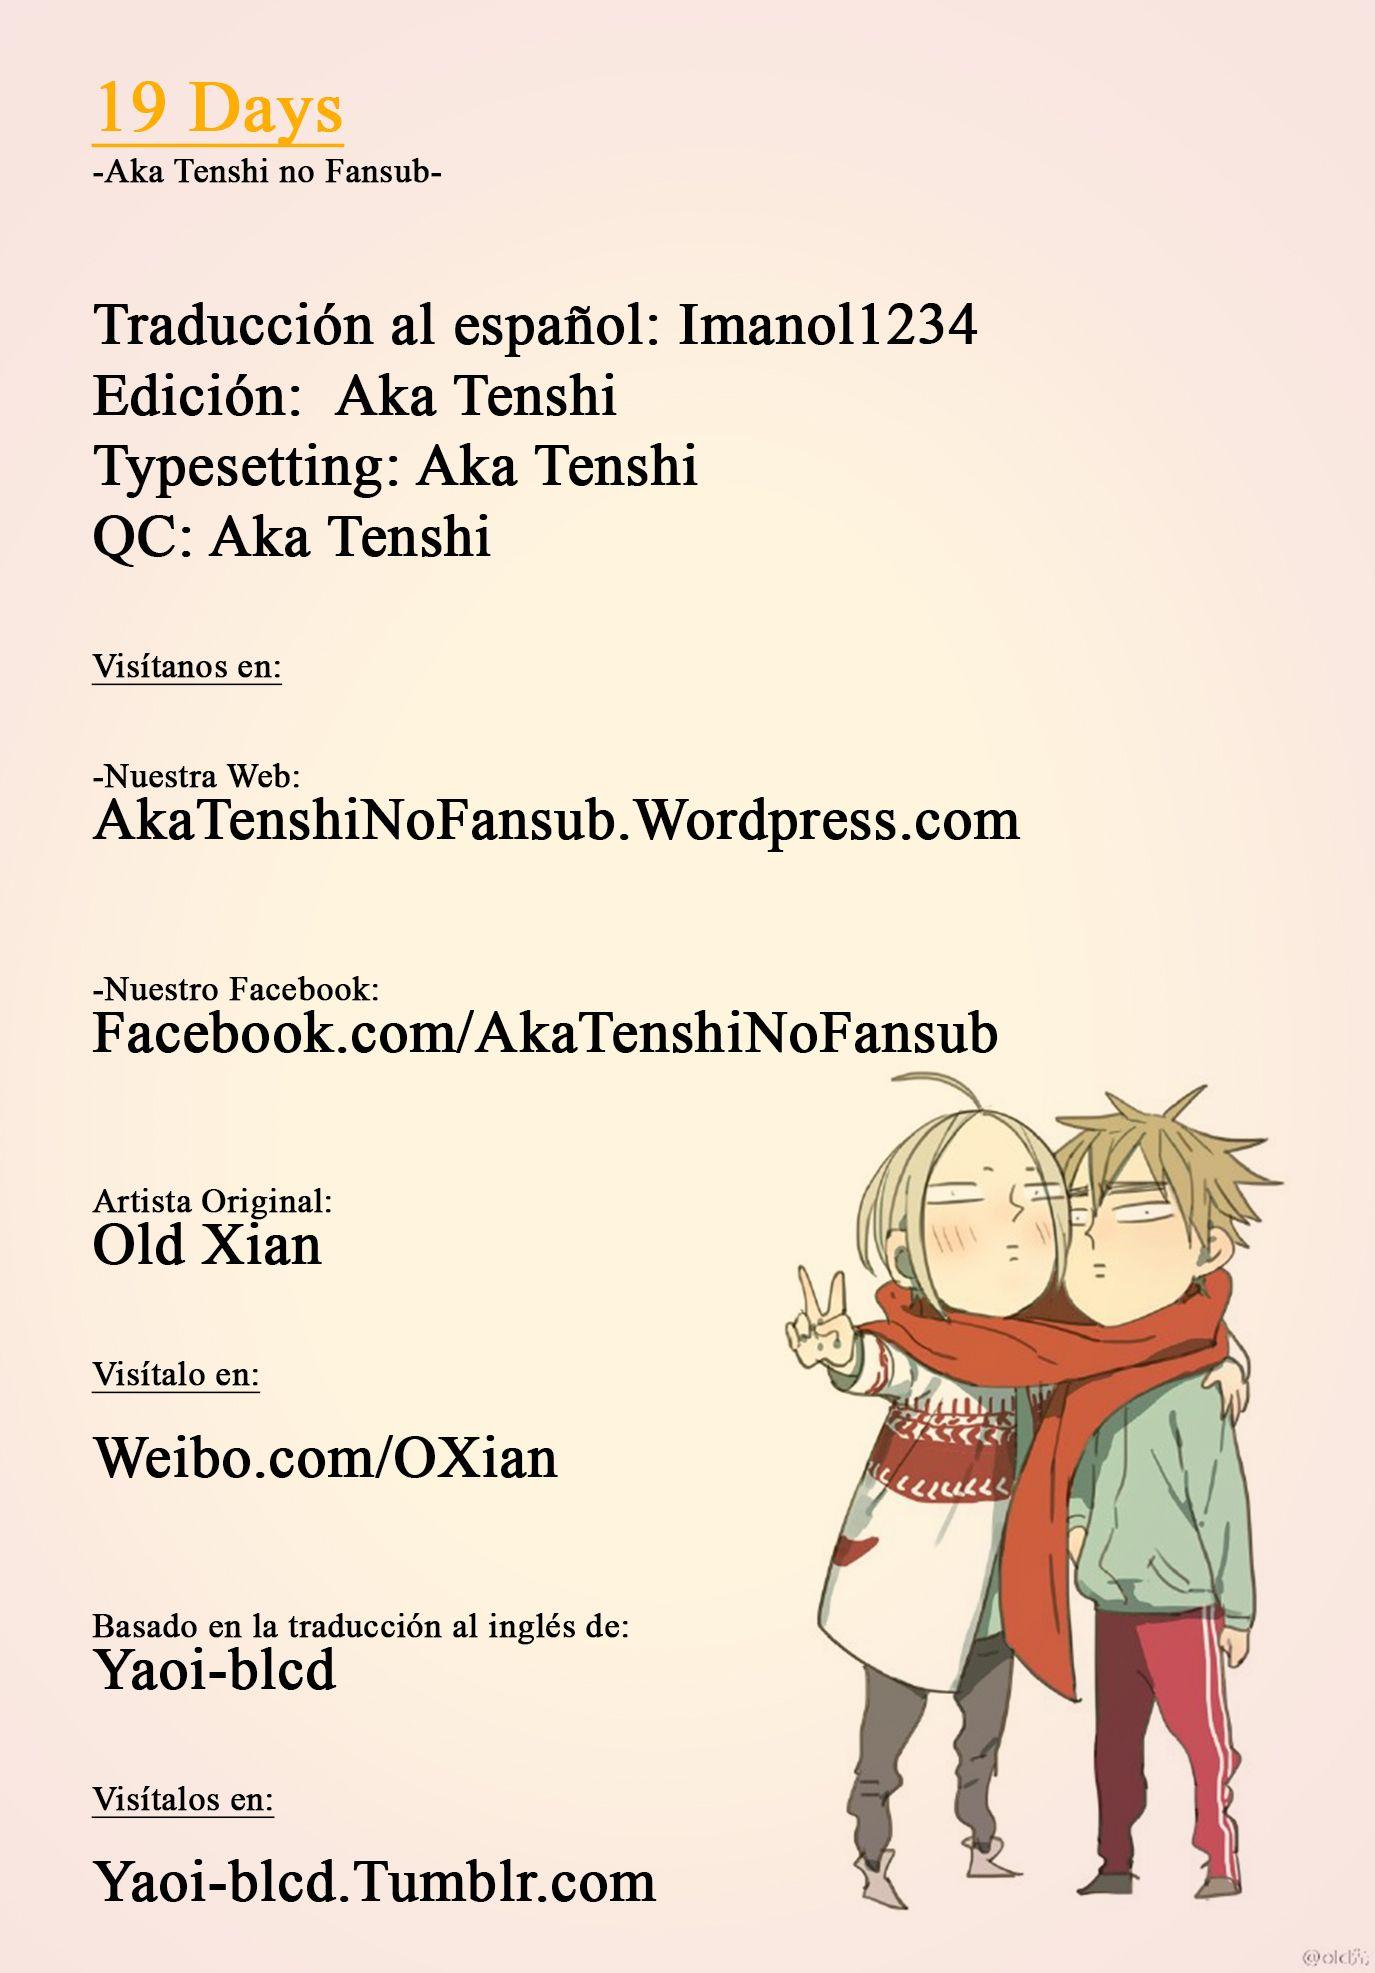 http://c5.ninemanga.com/es_manga/7/15943/467827/83972220c2352bdcf6dbc17c327c1b4a.jpg Page 1